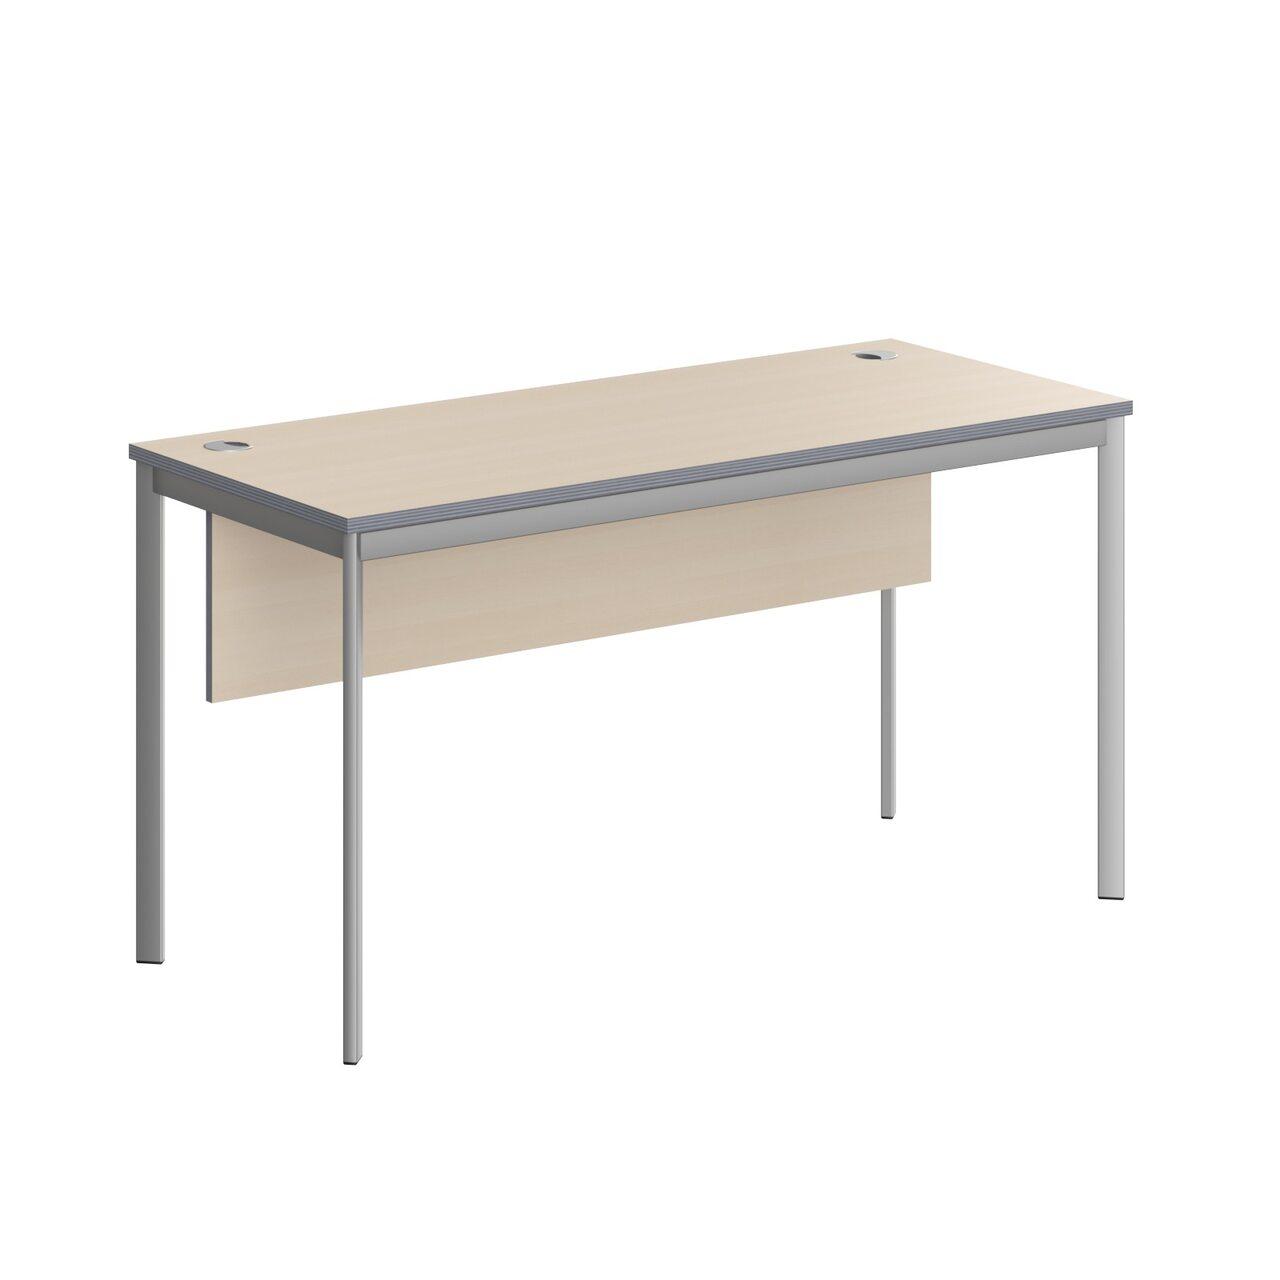 Стол прямой с фрональной панелью  IMAGO-S 140x60x76 - фото 5